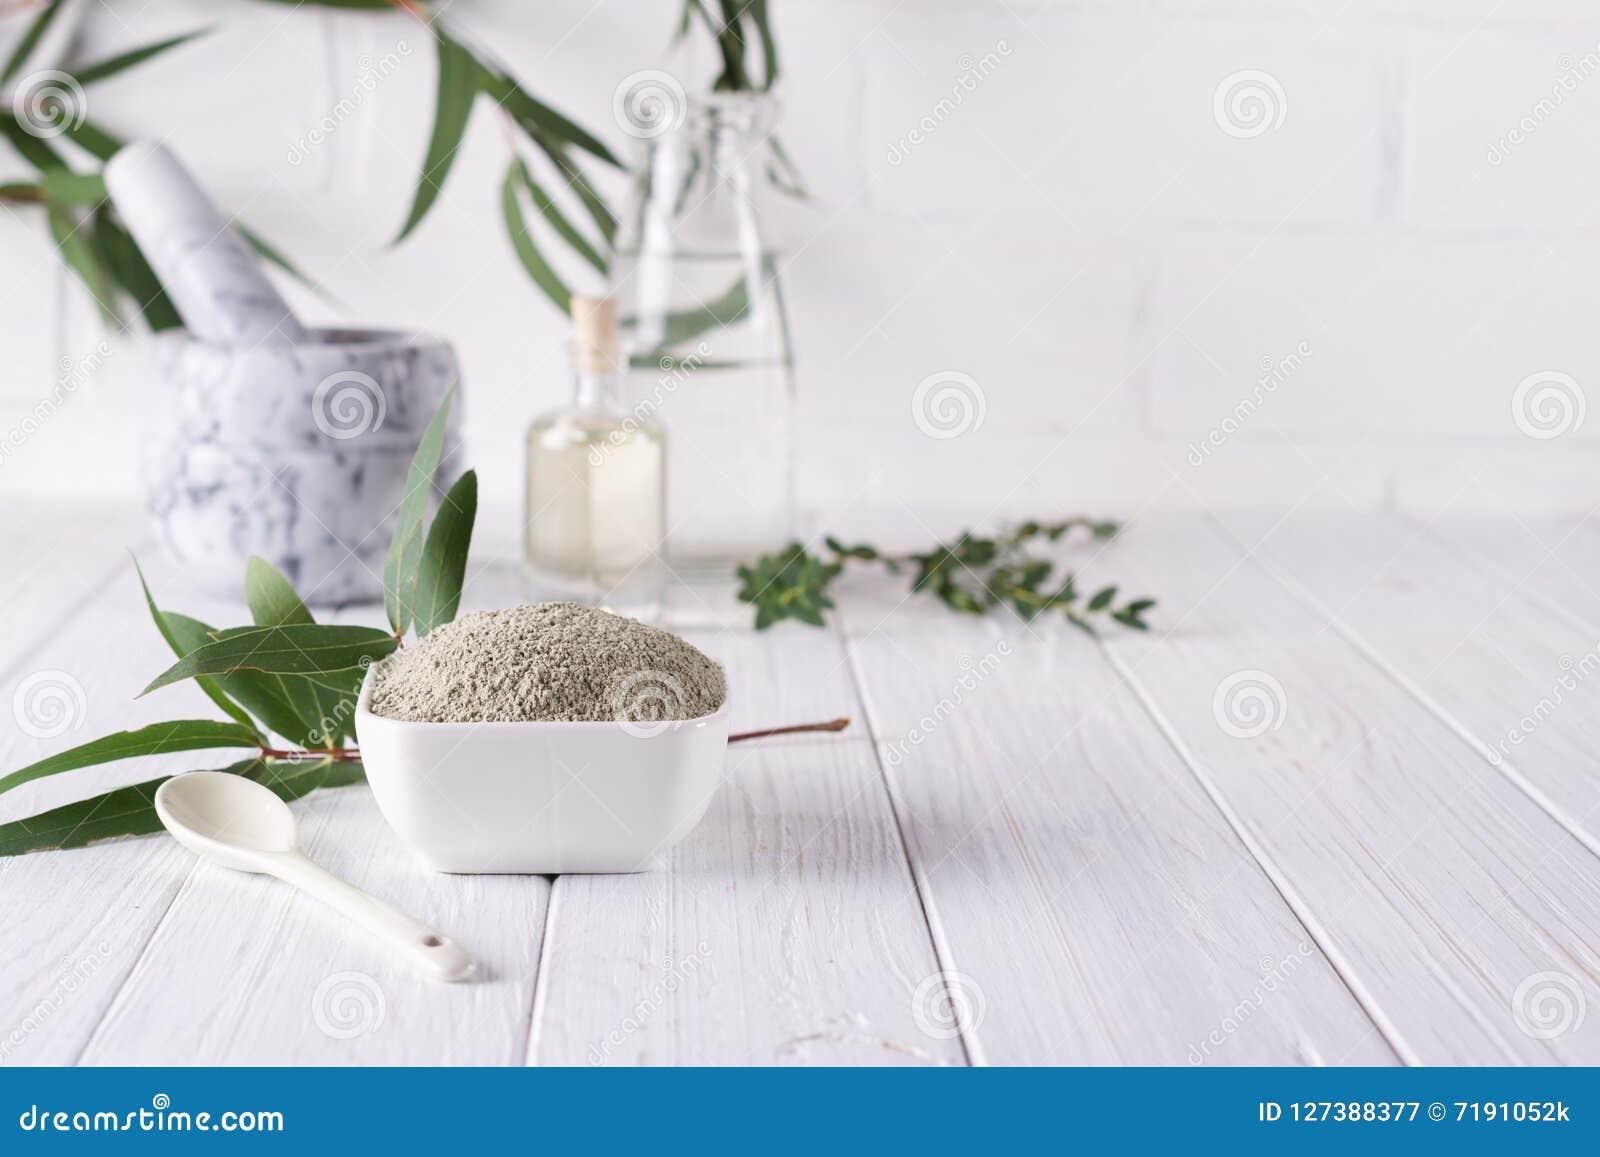 在碗的干燥面部黏土粉末 家或沙龙温泉治疗的自然化妆用品